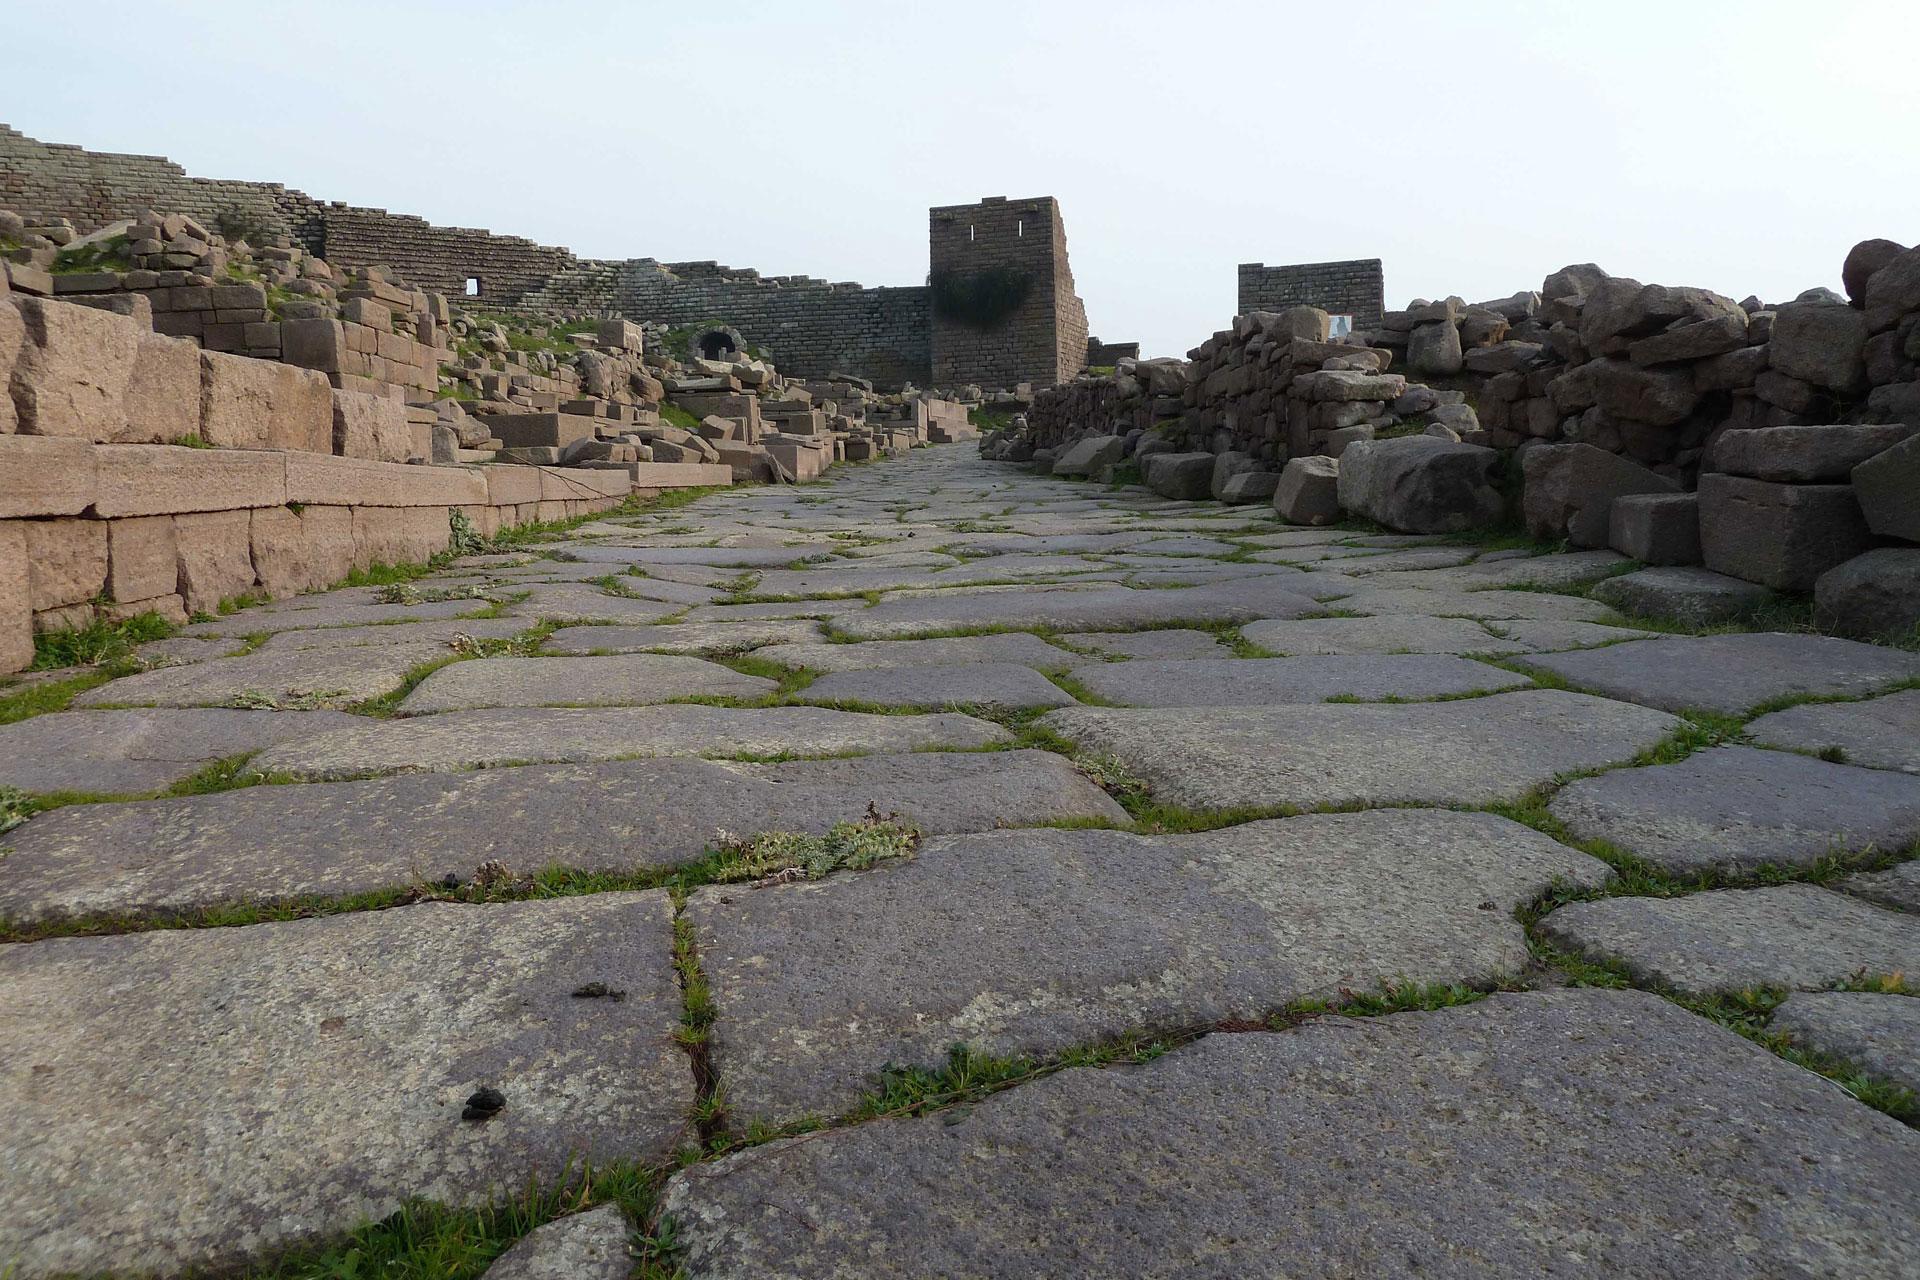 Strase der Gebeine Assos Türkei